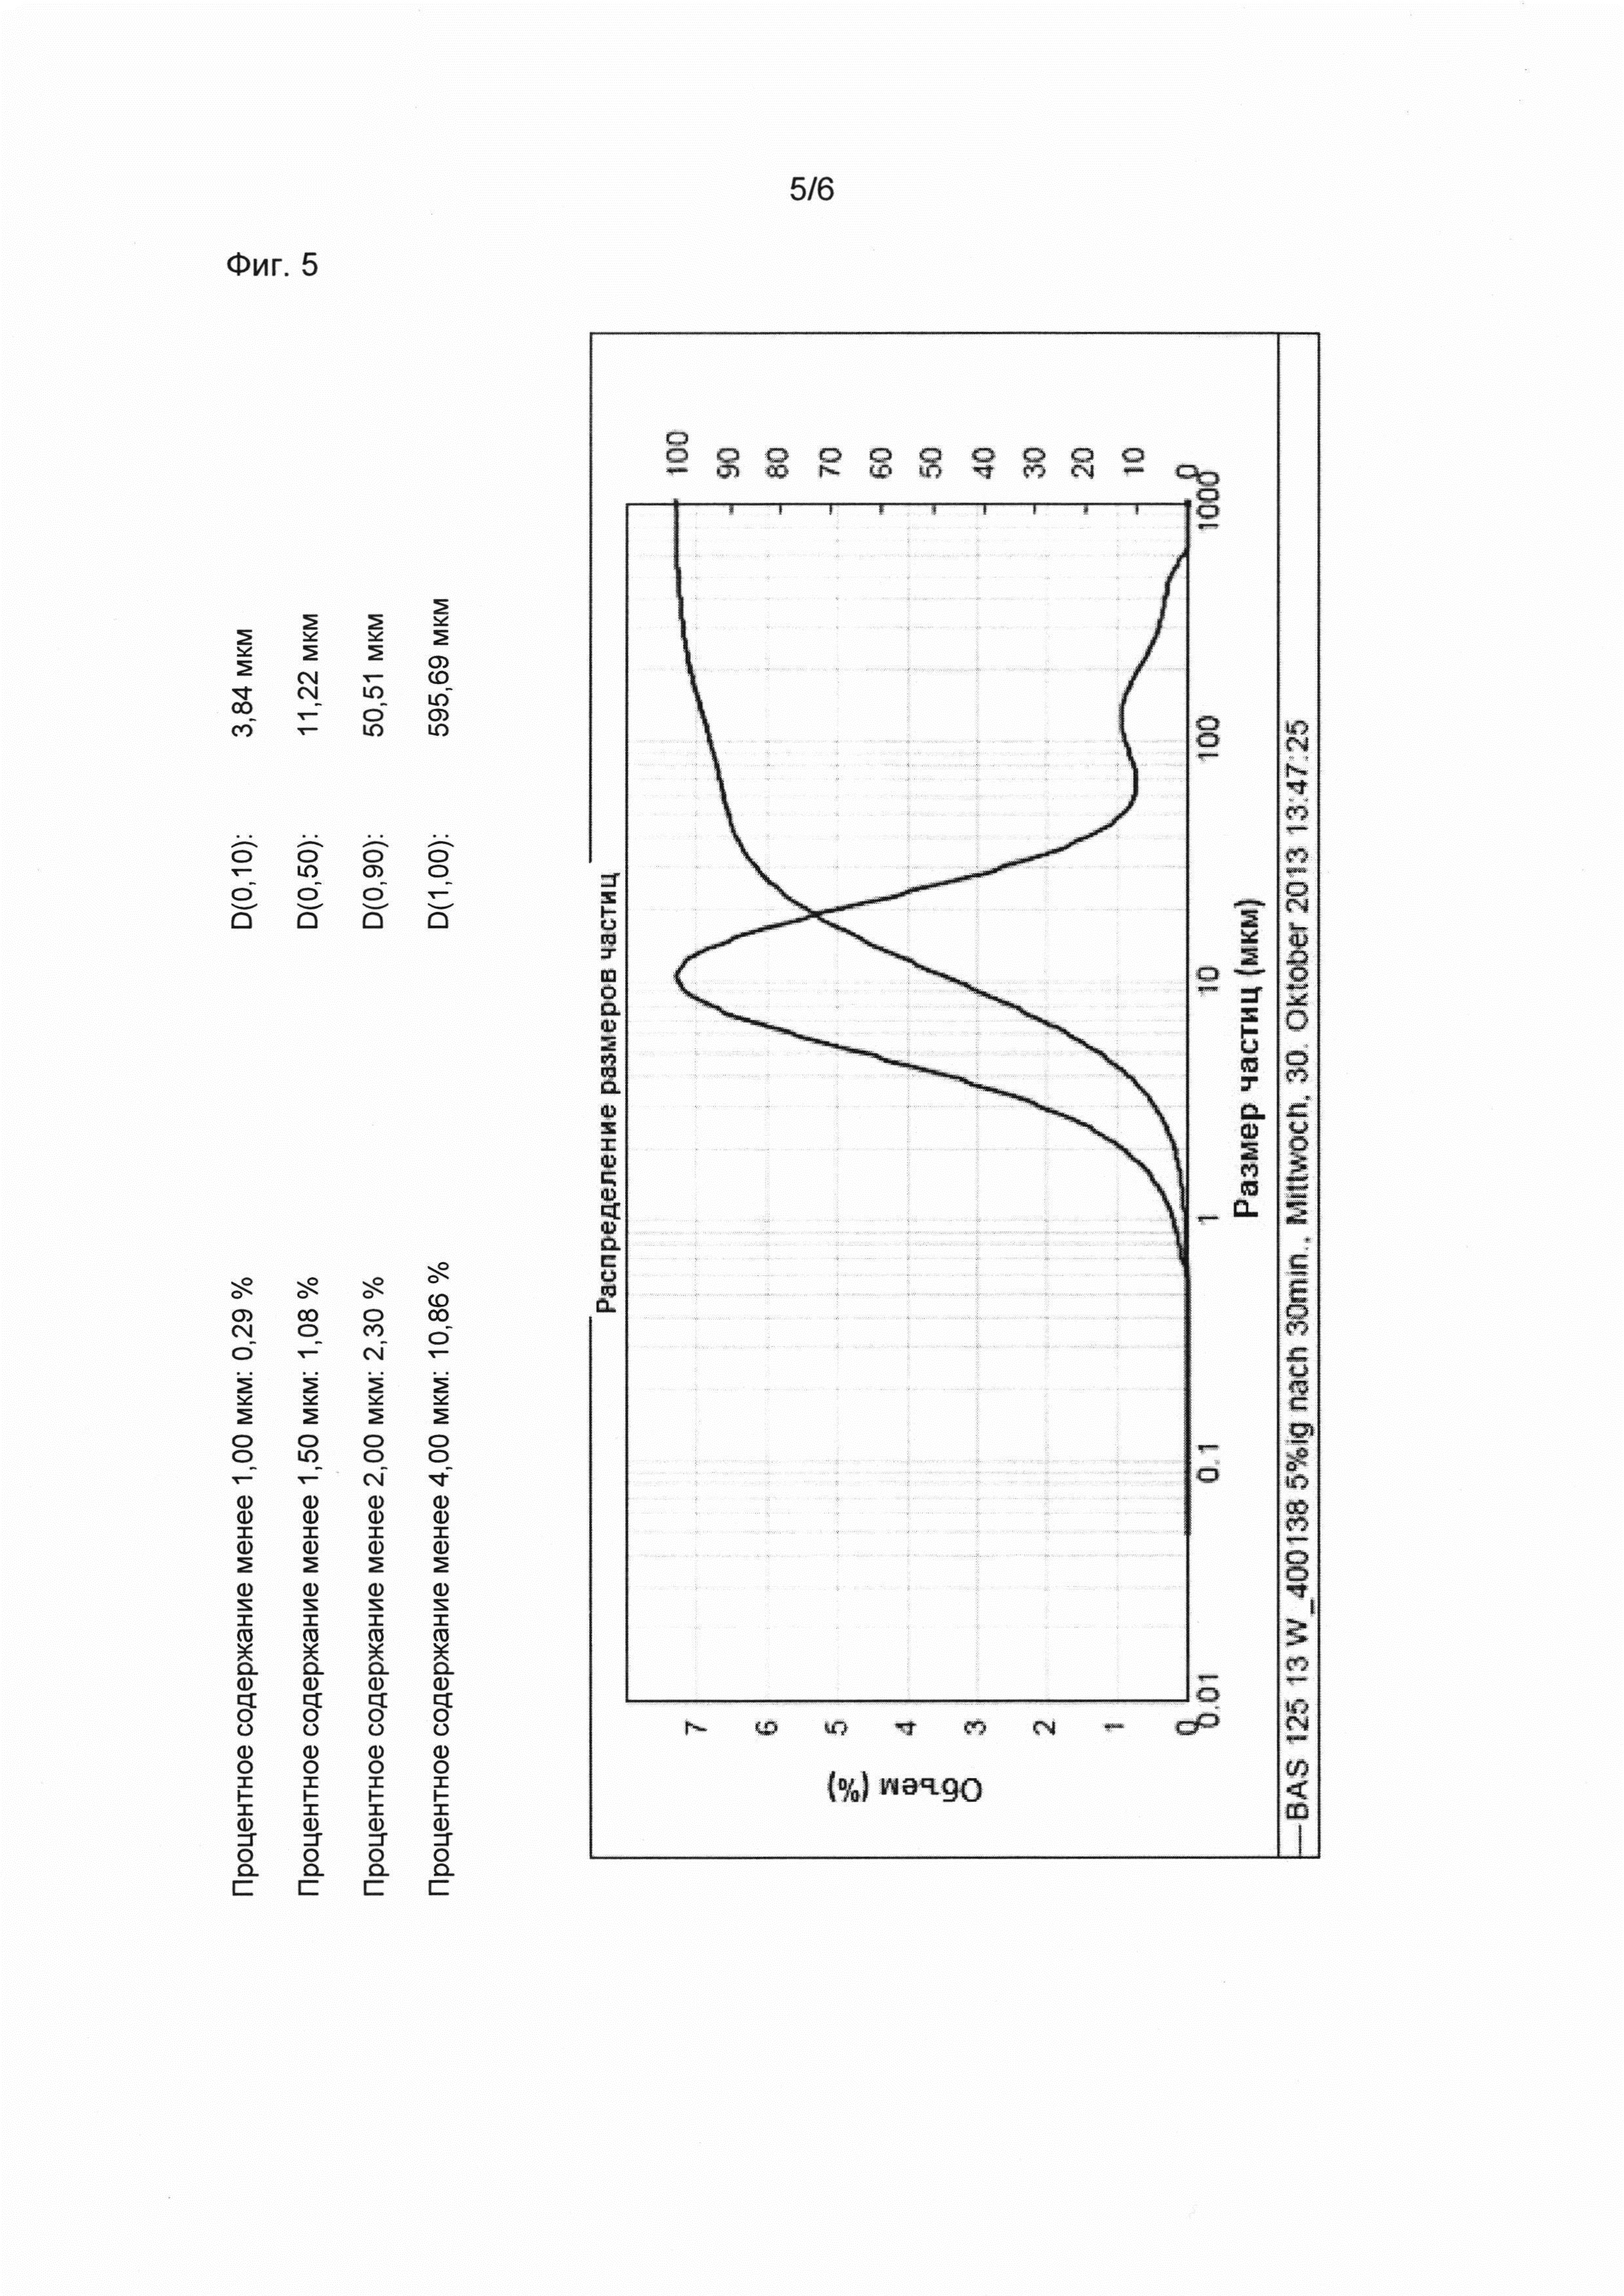 Гранулирование в кипящем слое с водными растворами прогексадион-кальций и неорганическим сульфатом